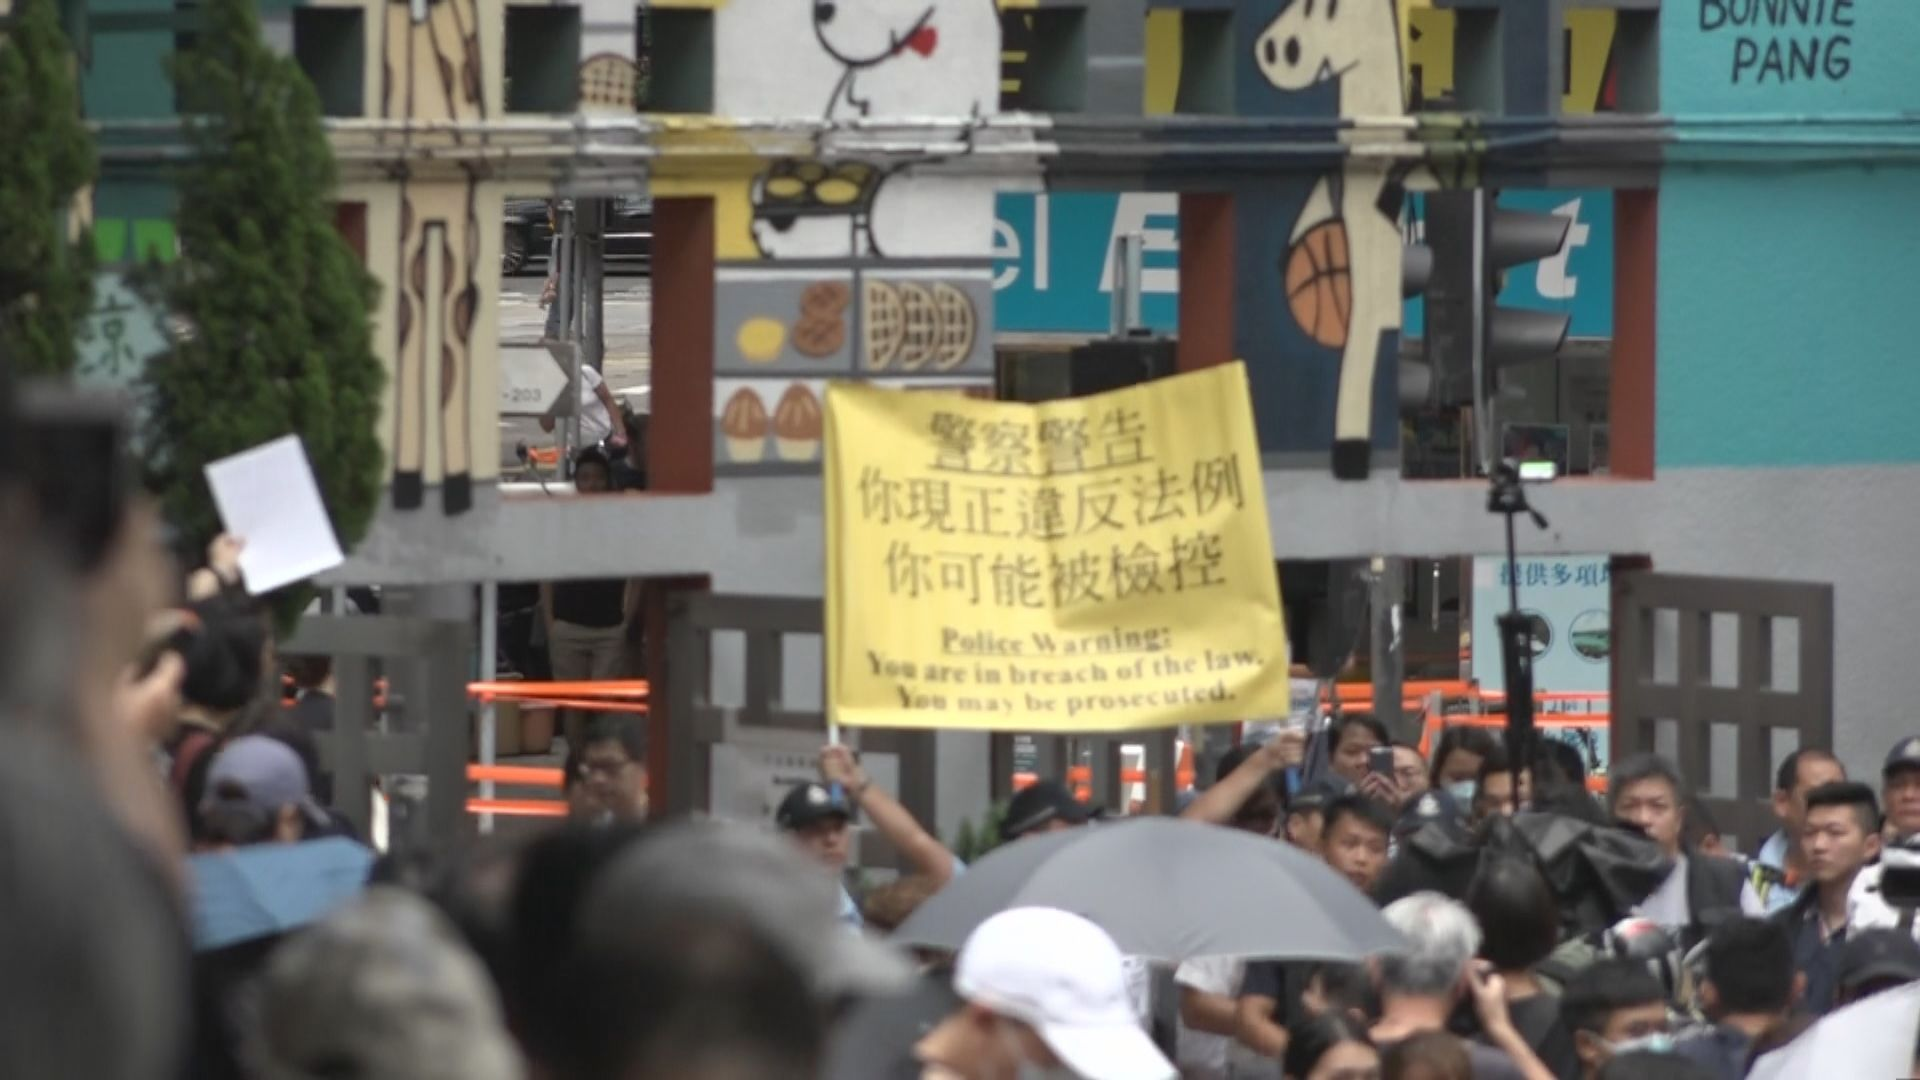 警方指市民非法集結 有人稱是參加宗教活動